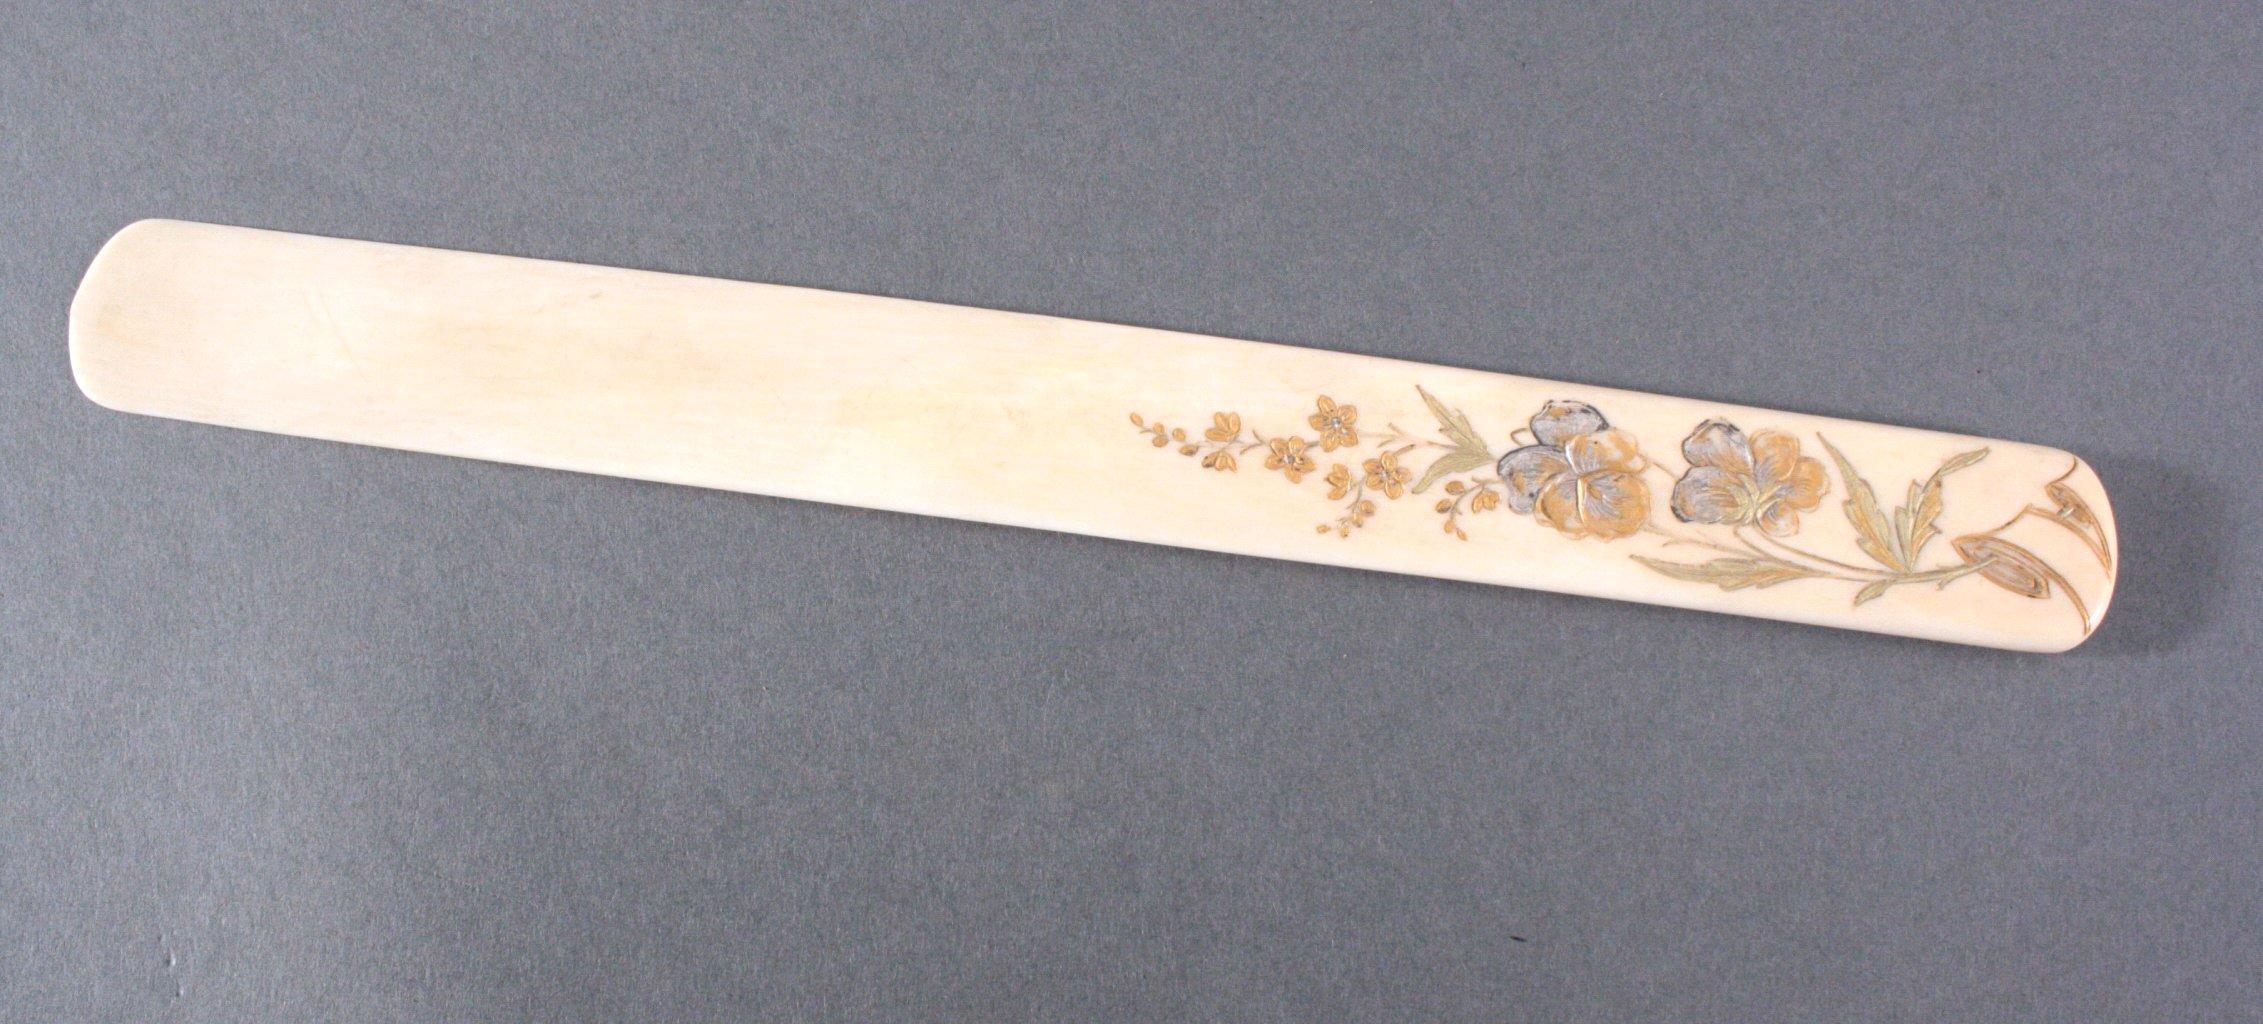 Brieföffner, China oder Japan um 1900